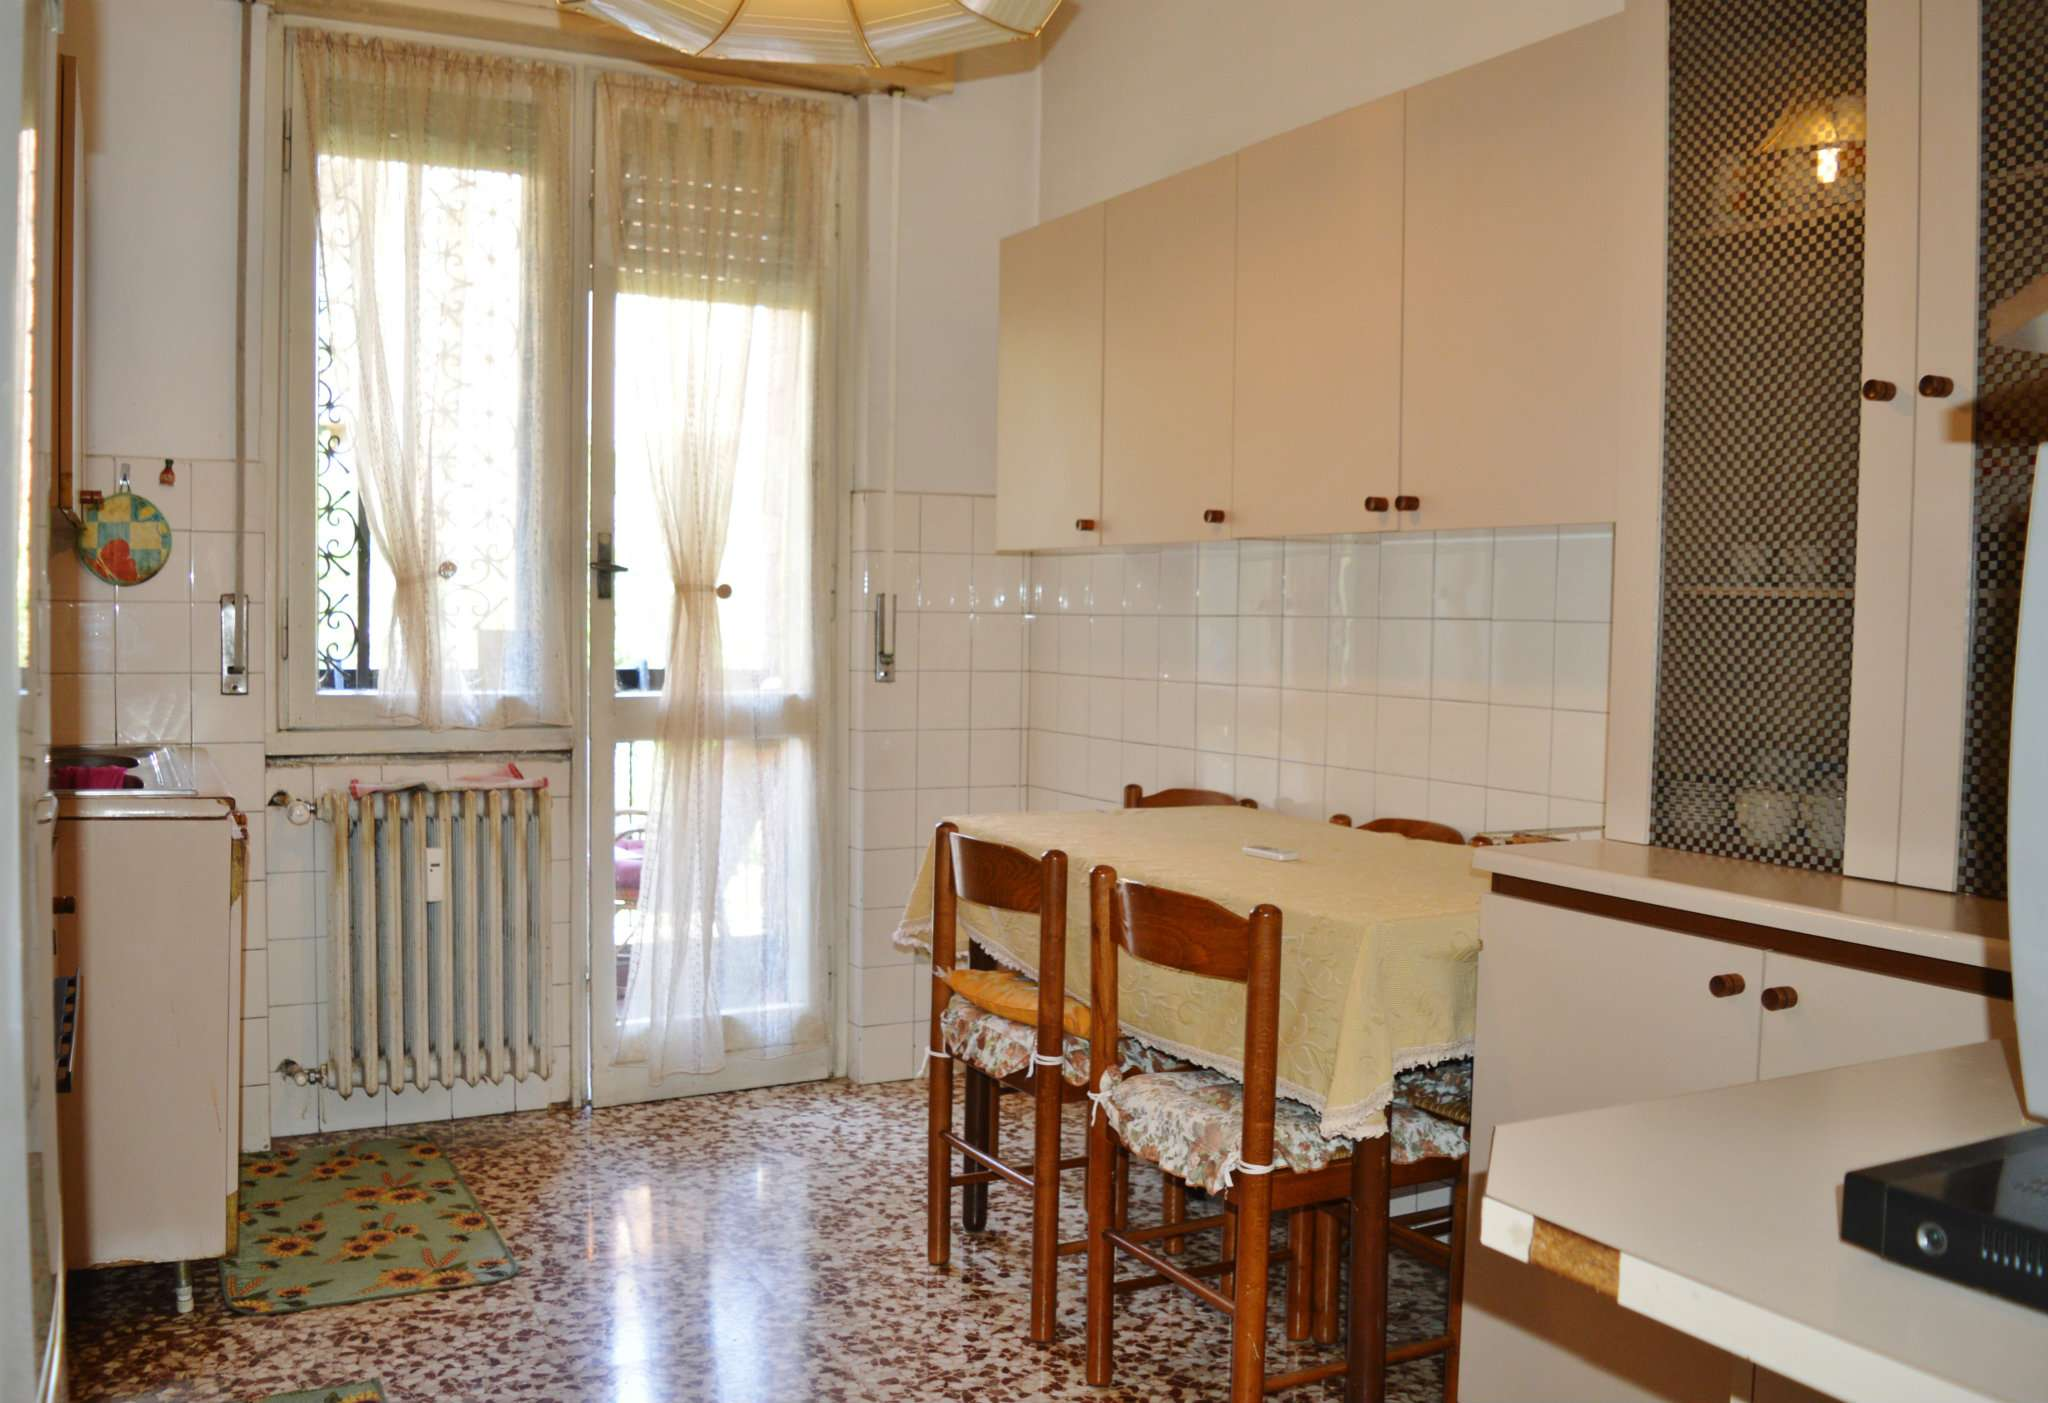 Appartamento in vendita a Pero, 3 locali, prezzo € 155.000 | CambioCasa.it